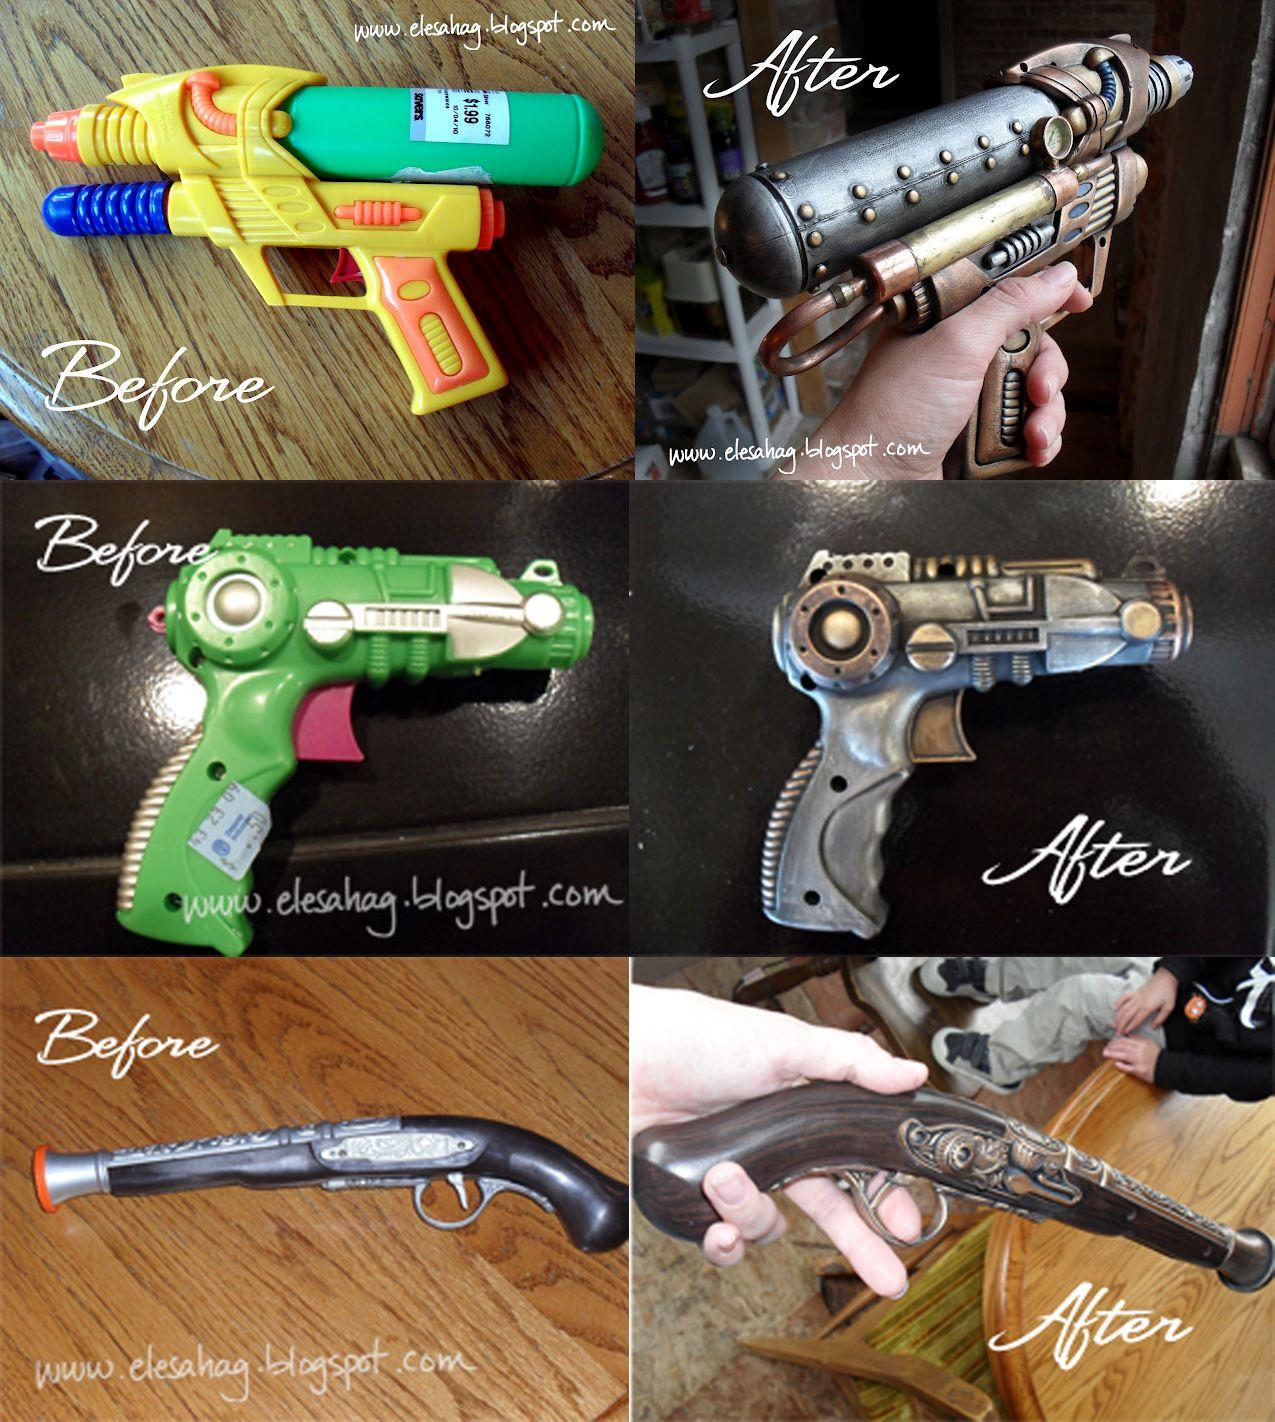 Comment peindre customiser un pistolet eau bon march pour en faire une arme de style - Comment fabriquer un pistolet ...